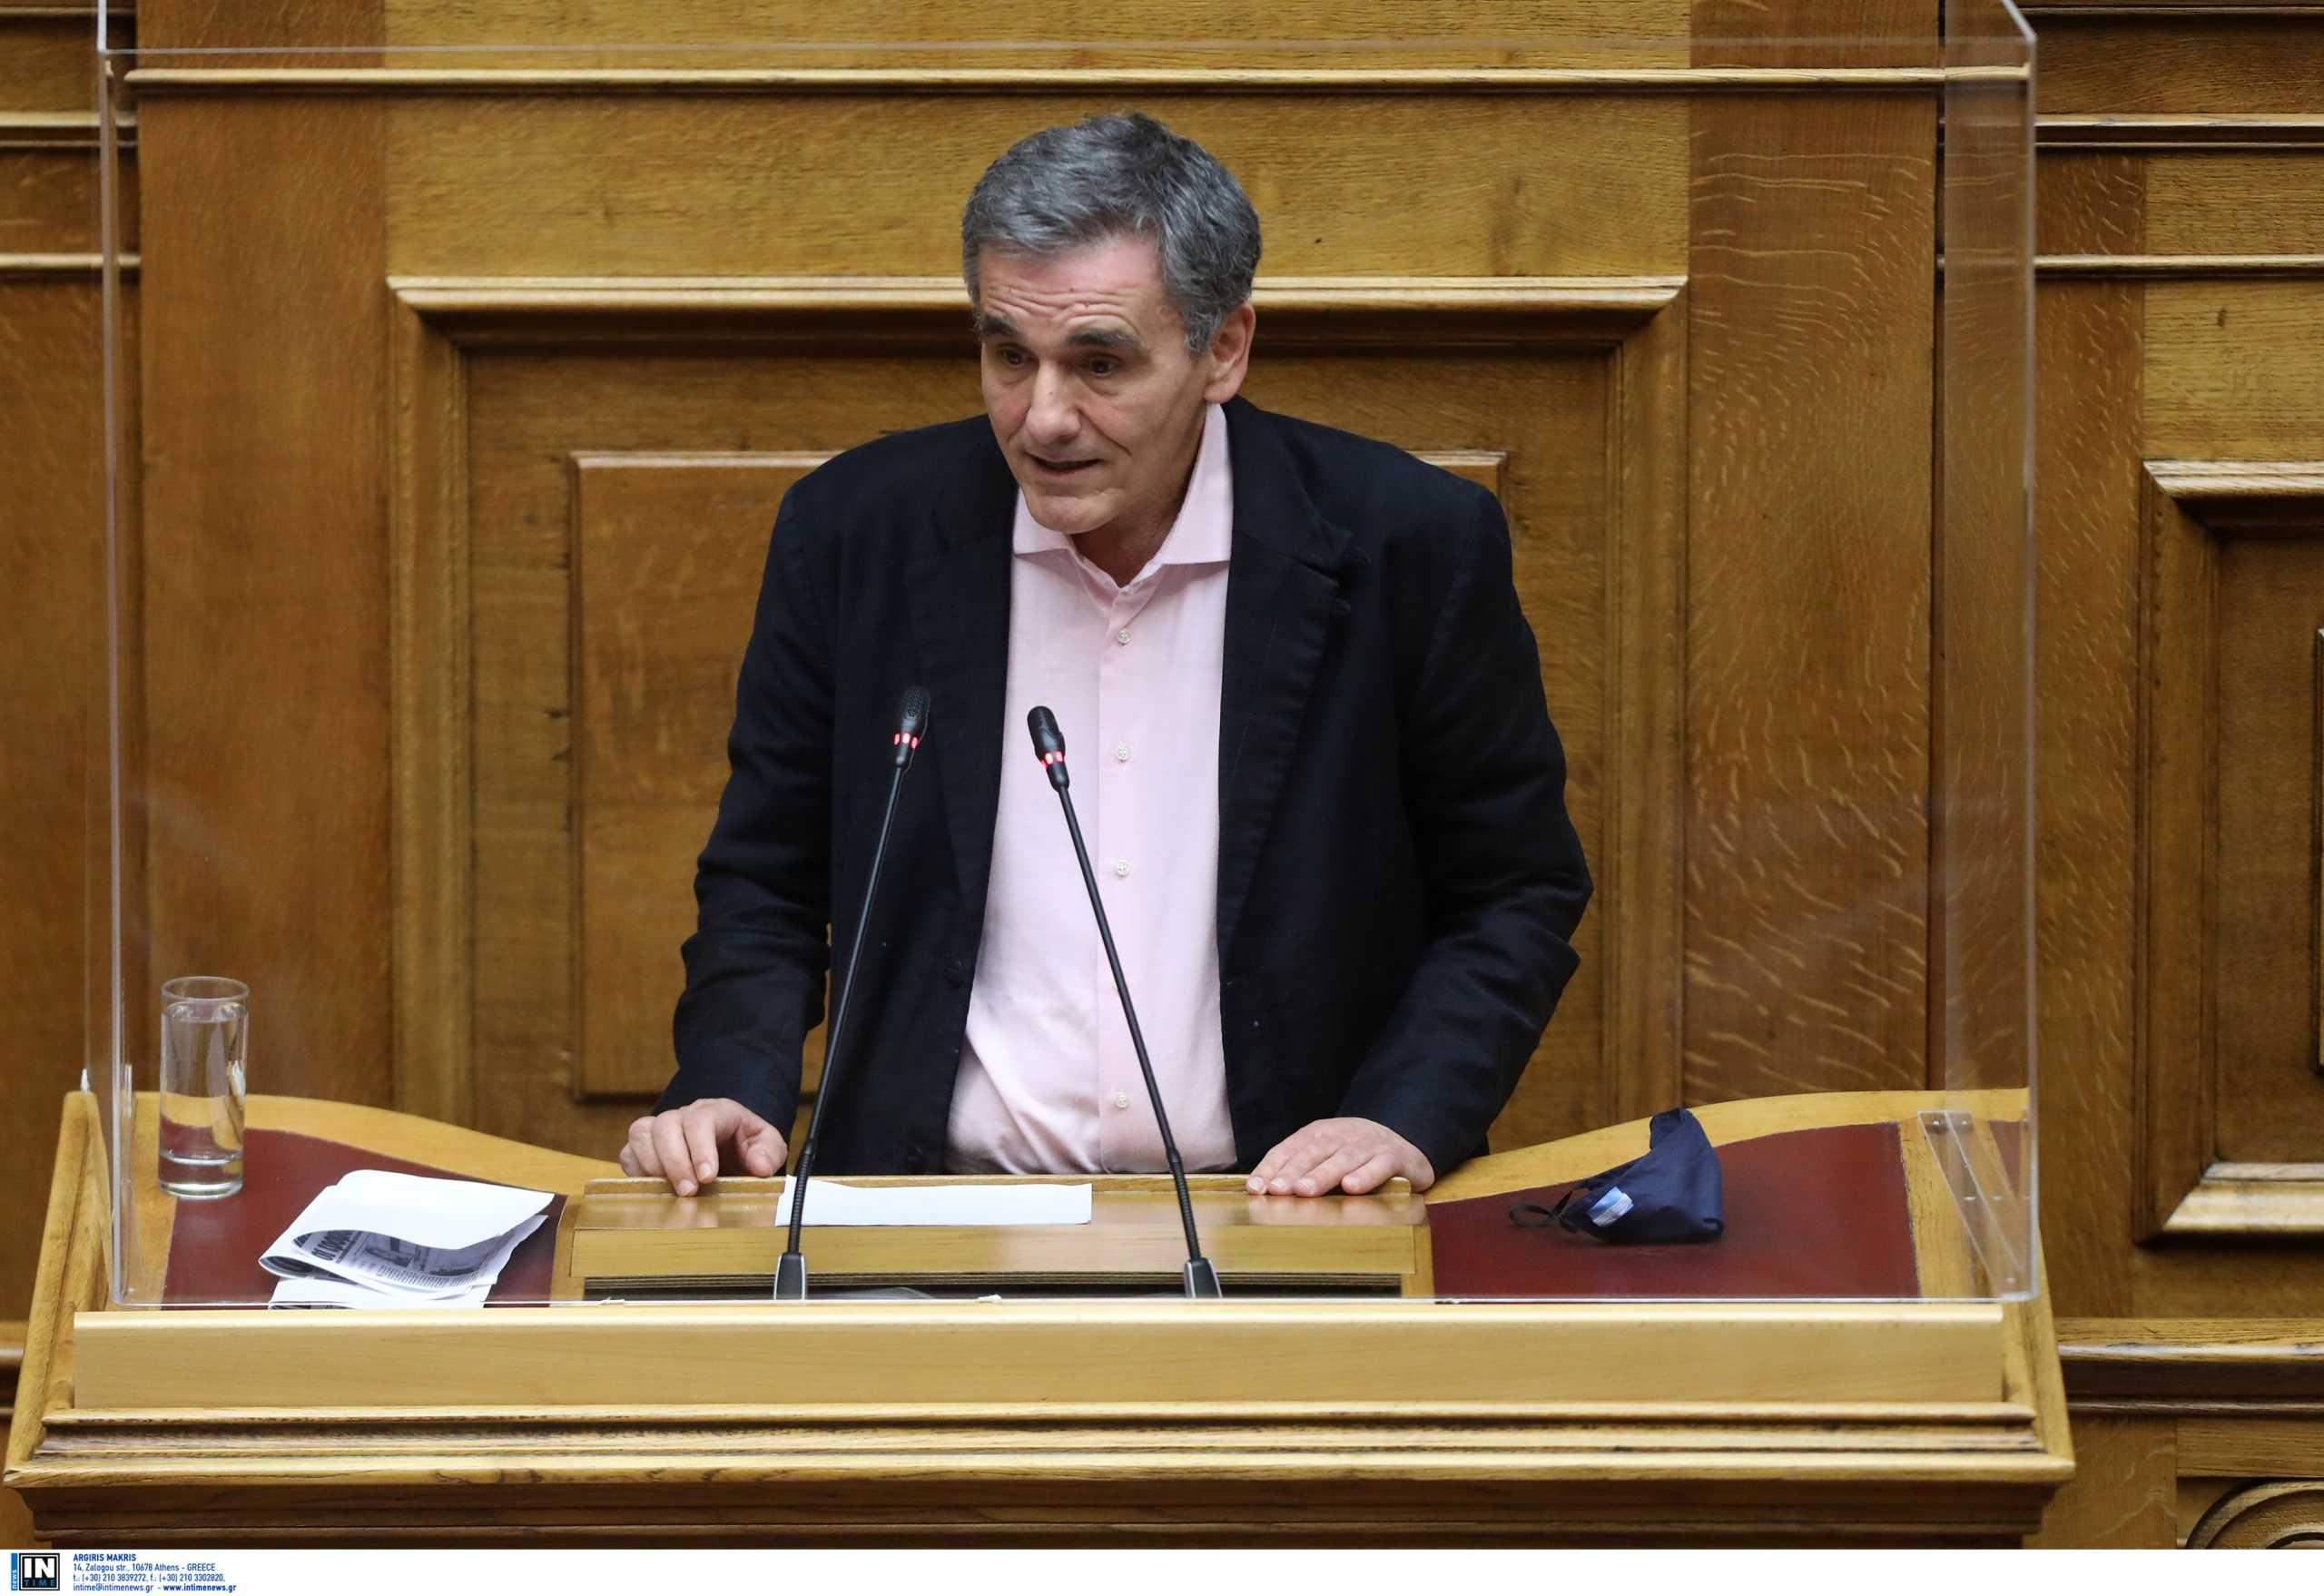 Ρεπό: Τσακαλώτος τρολάρει Χατζηδάκη με το δημόσιο χρέος